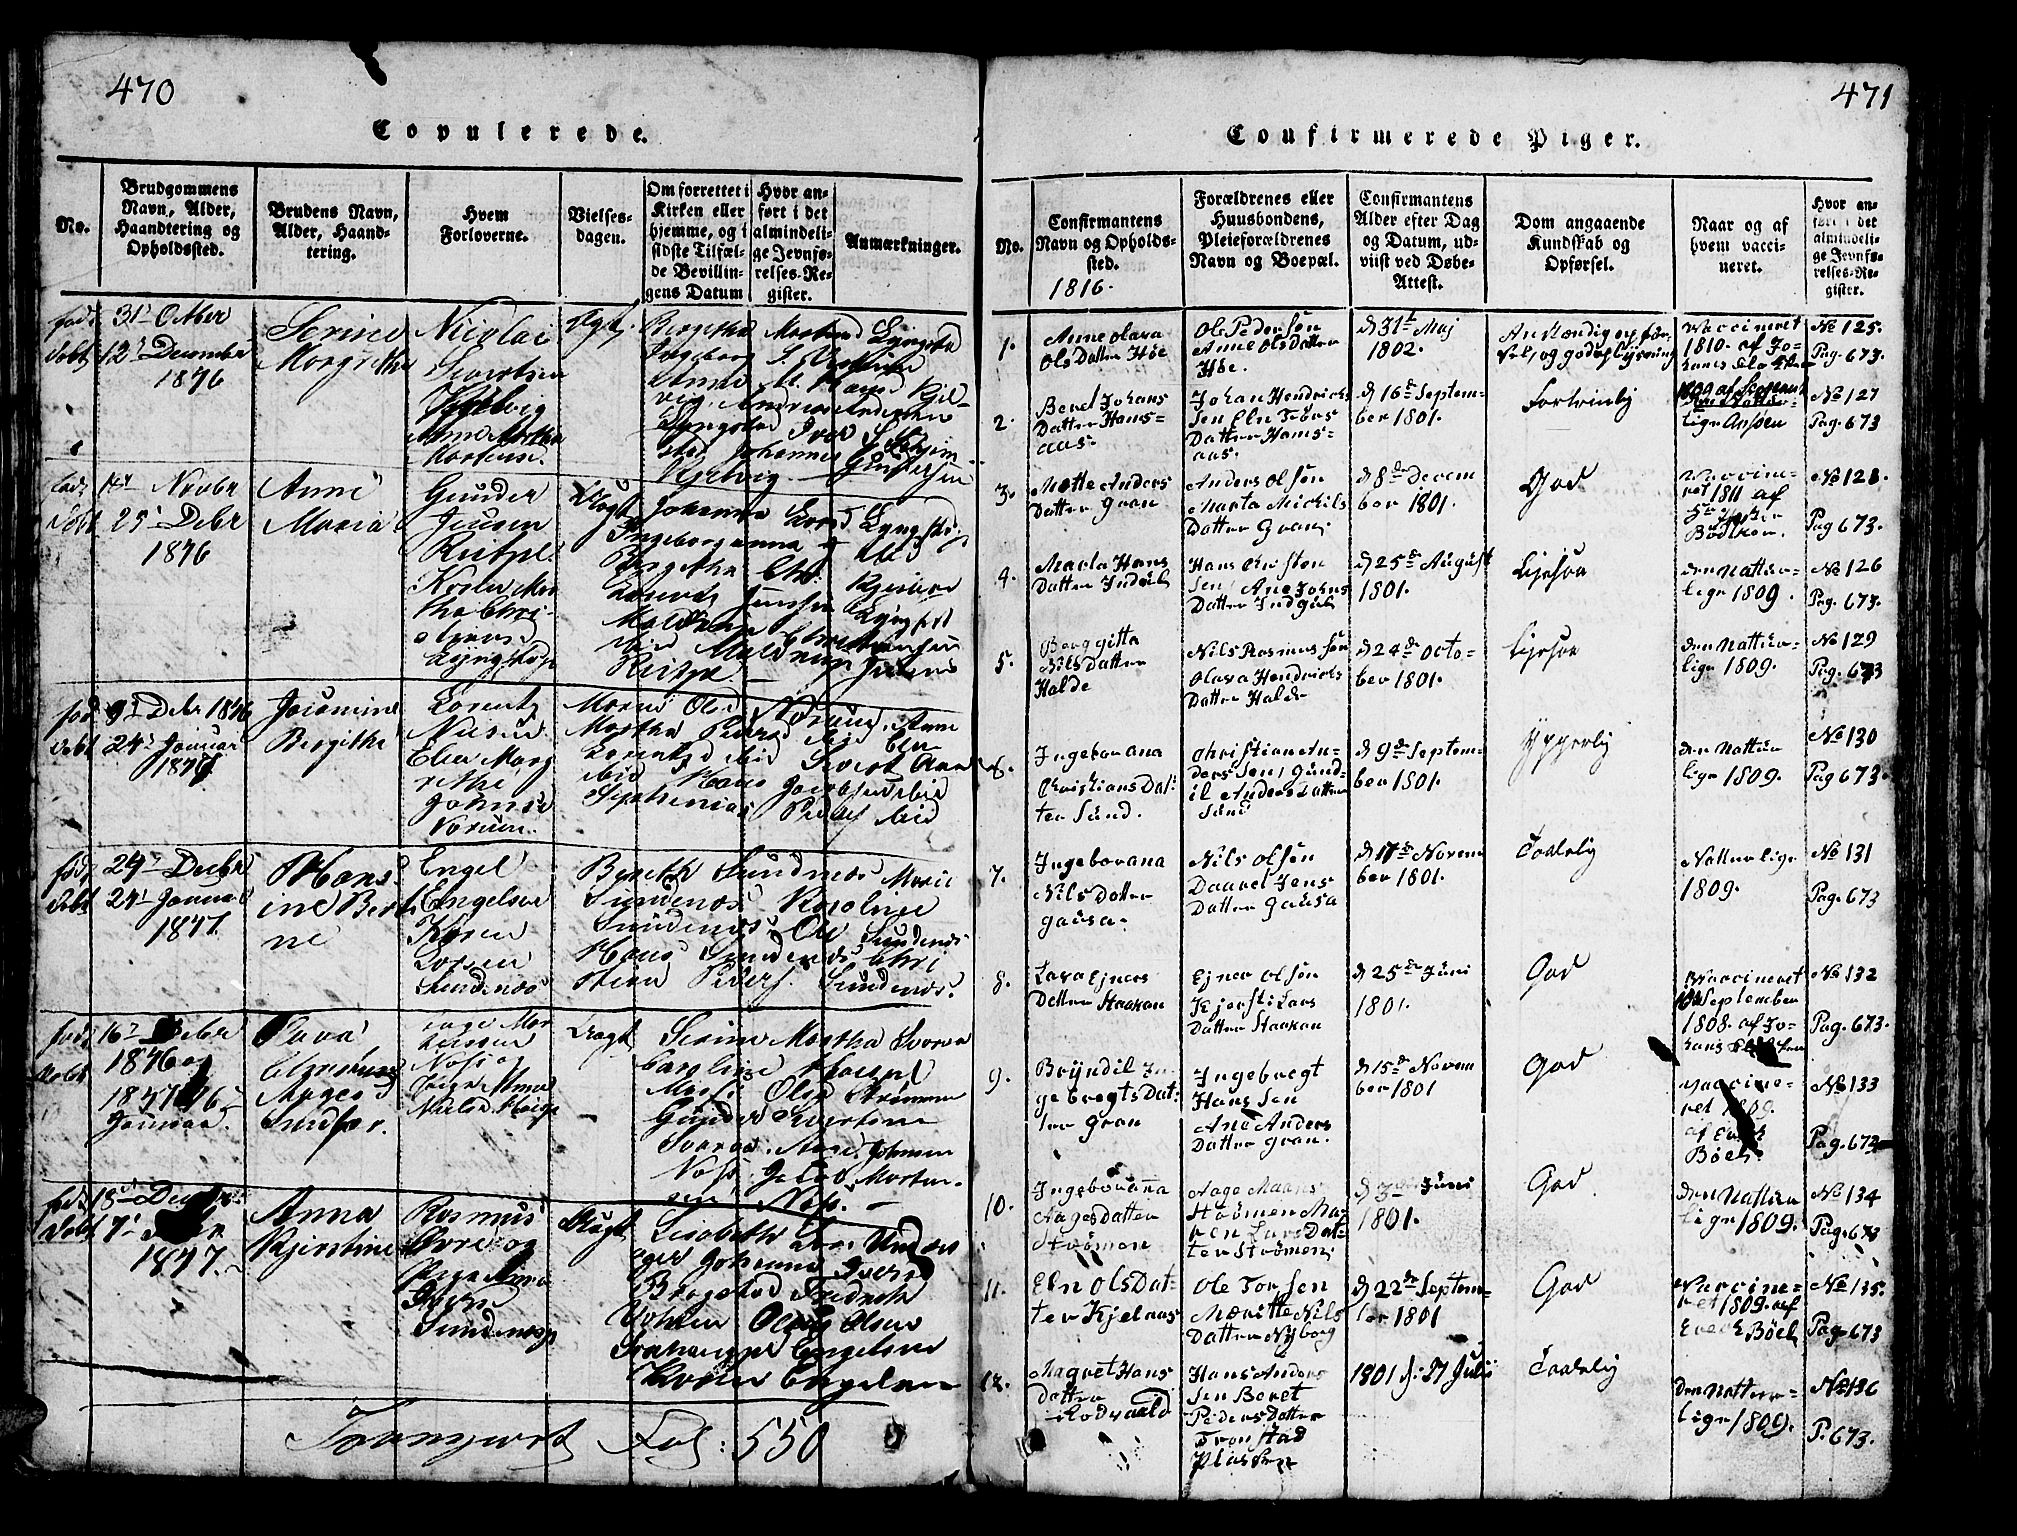 SAT, Ministerialprotokoller, klokkerbøker og fødselsregistre - Nord-Trøndelag, 730/L0298: Klokkerbok nr. 730C01, 1816-1849, s. 470-471